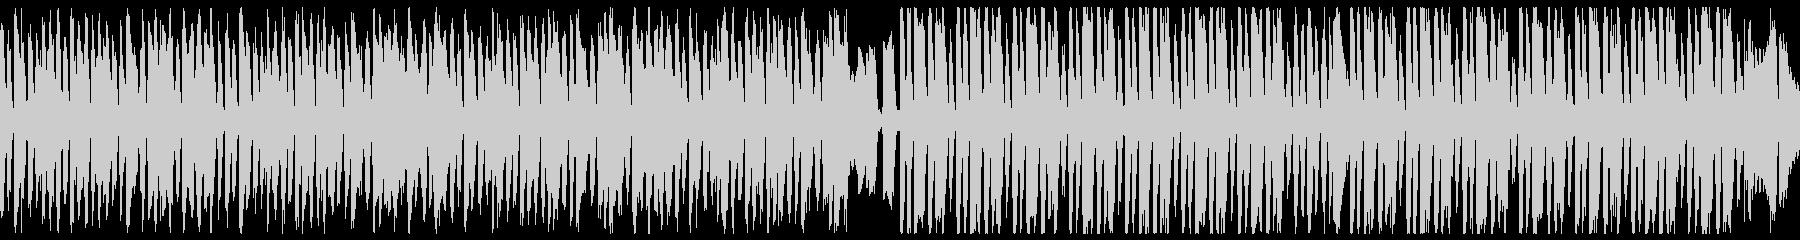 暗い・ハロウィン レトロジャズ(ループの未再生の波形